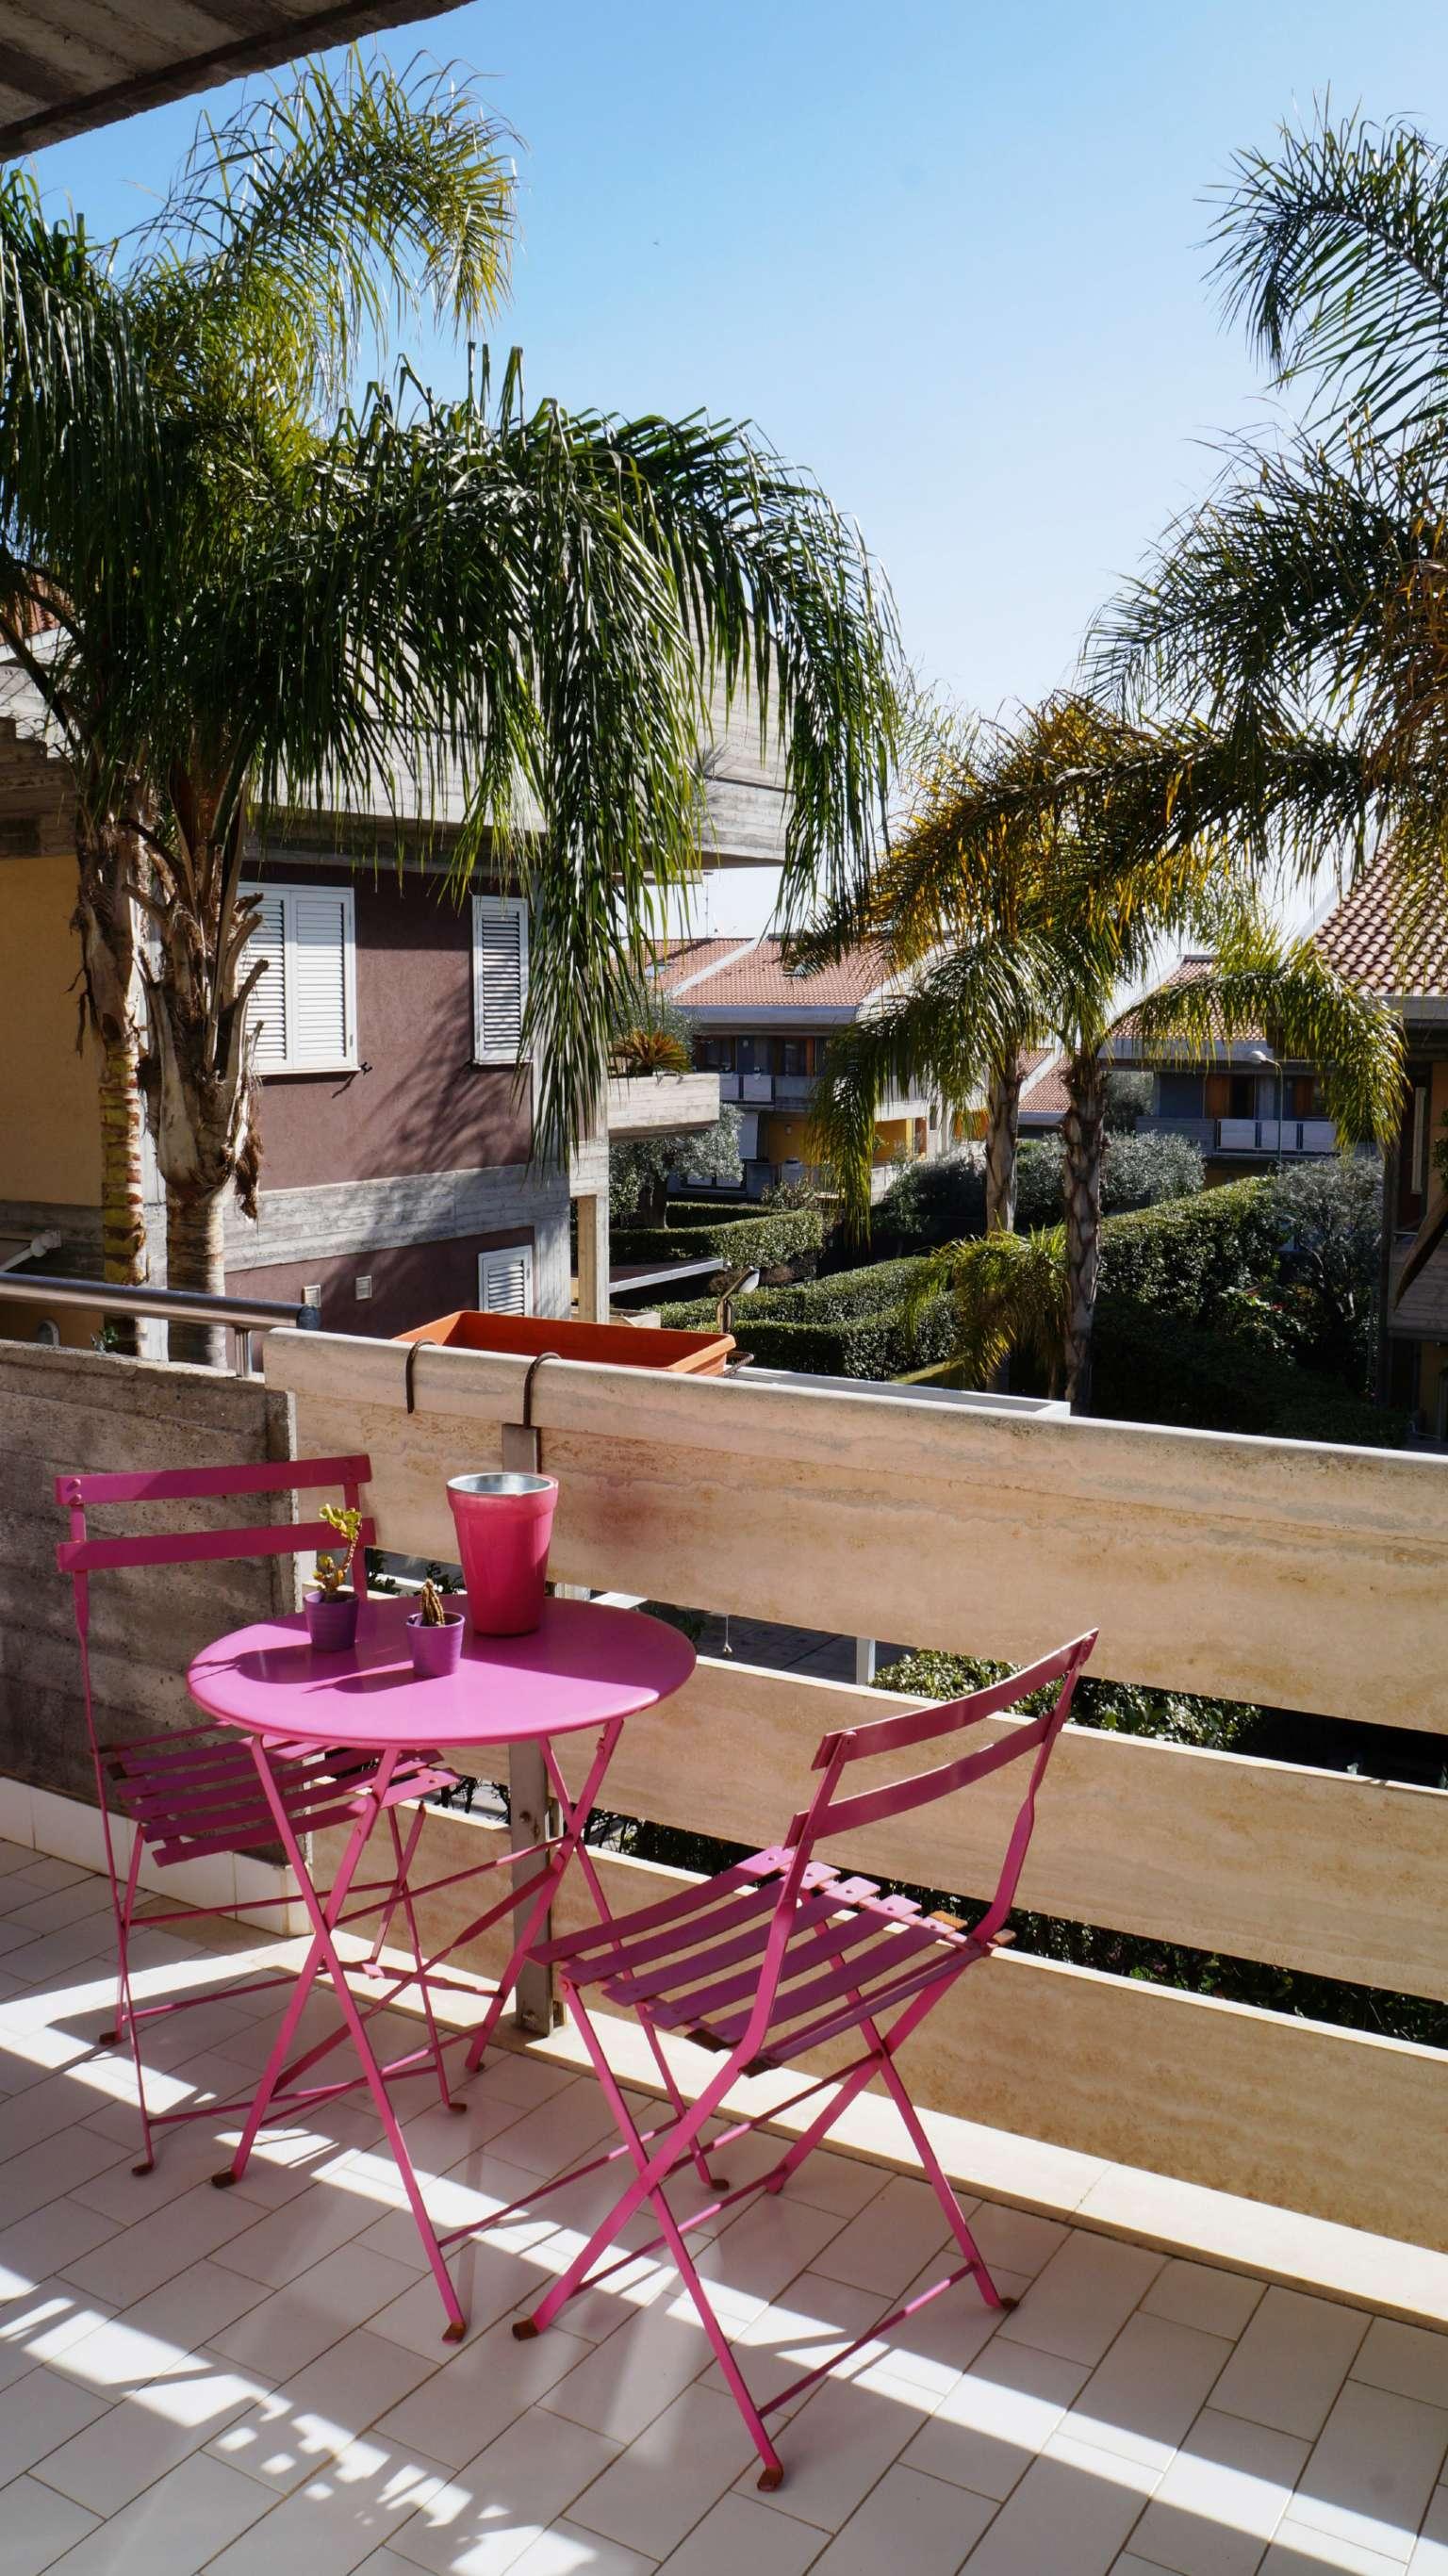 Appartamento 5 locali in affitto a San Gregorio di Catania (CT)